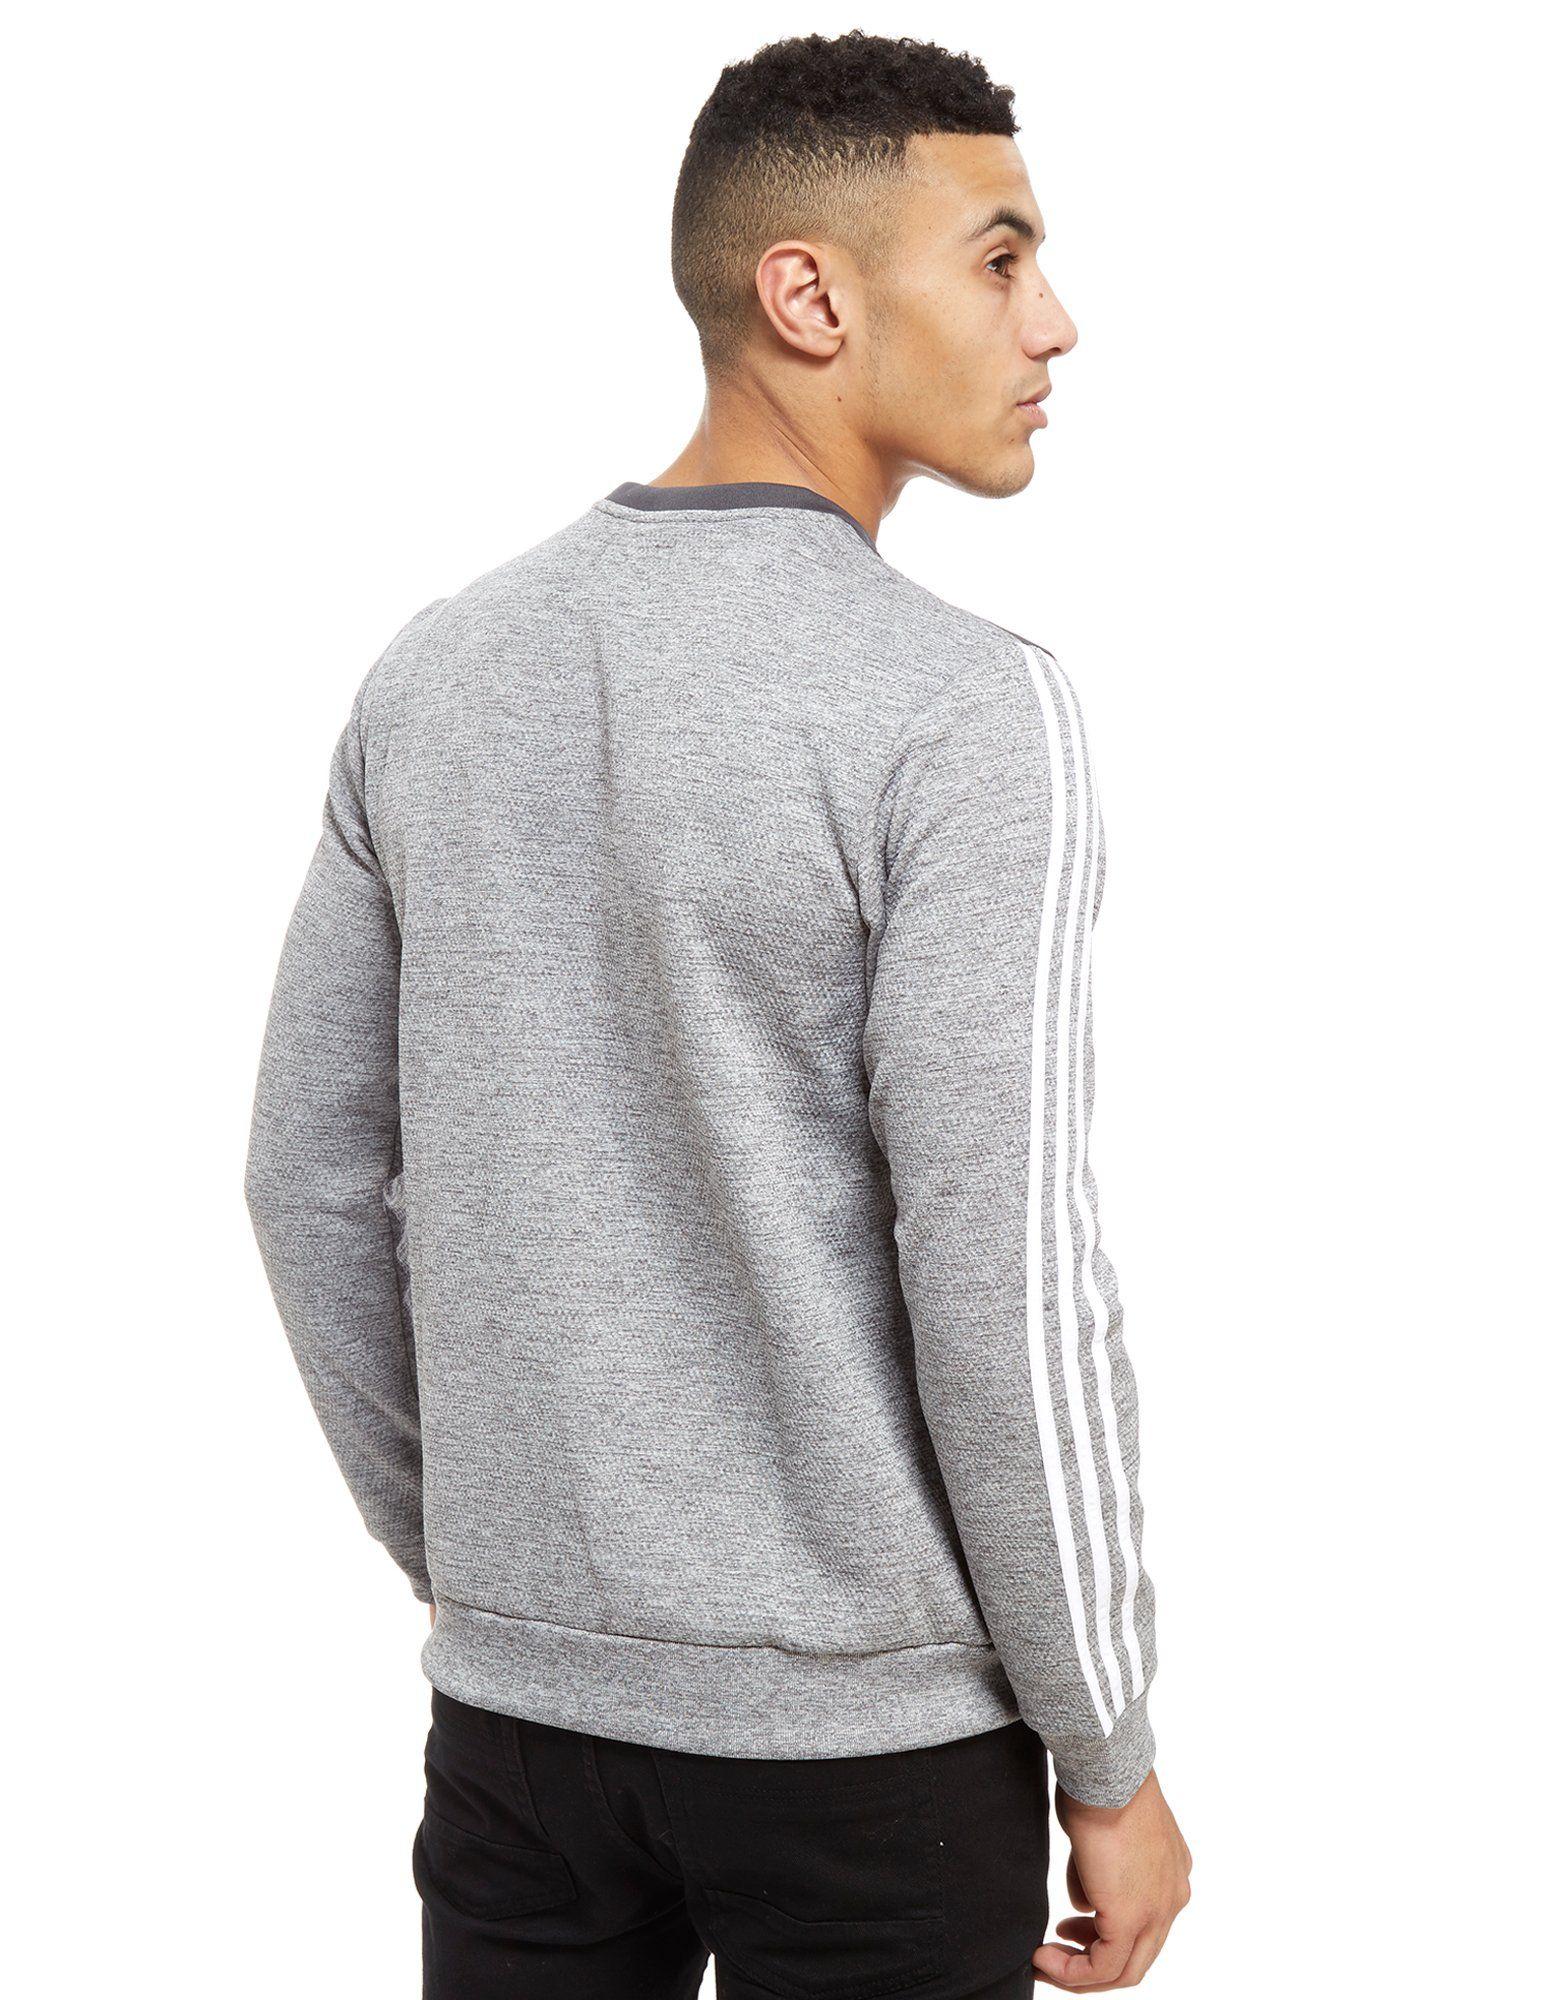 adidas Originals Nova Woven Crew Sweatshirt Grau Auslasszwischenraum Store Kaufen Sie Günstig Online Exklusiv Billig Verkauf Countdown-Paket Günstig Kaufen Exklusiv hGOaI